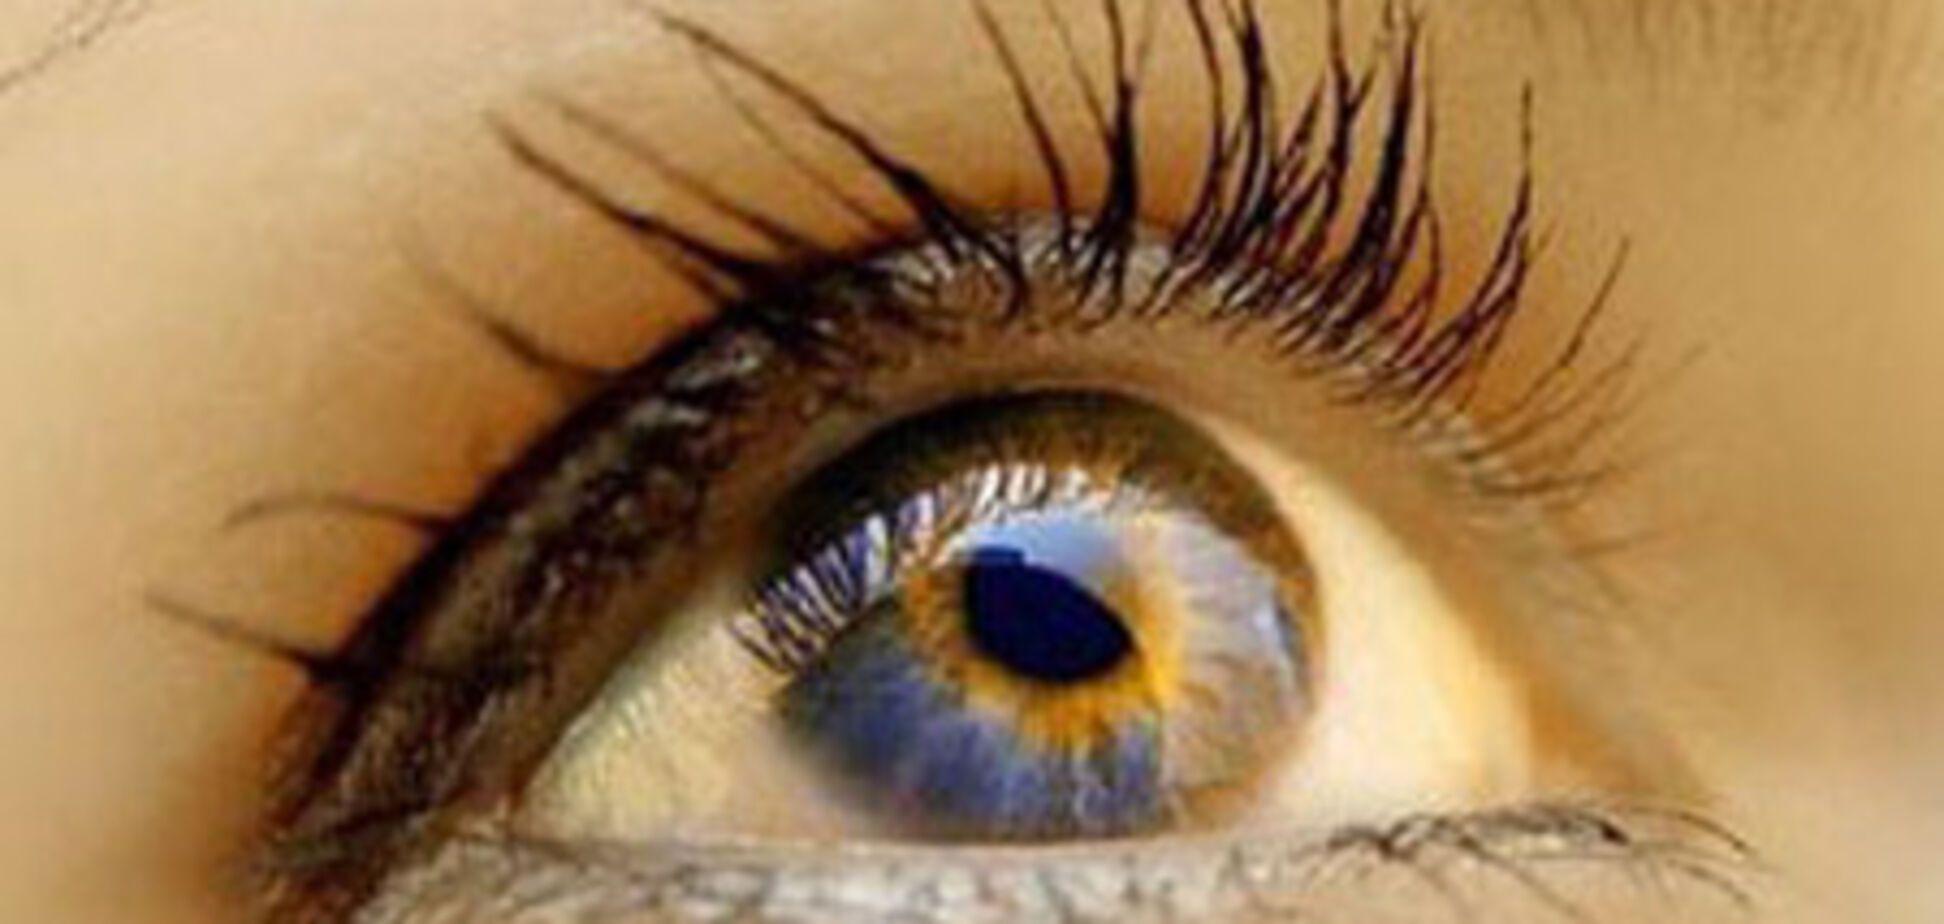 Лінзи для очей навчилися ... вимірювати цукор в крові!